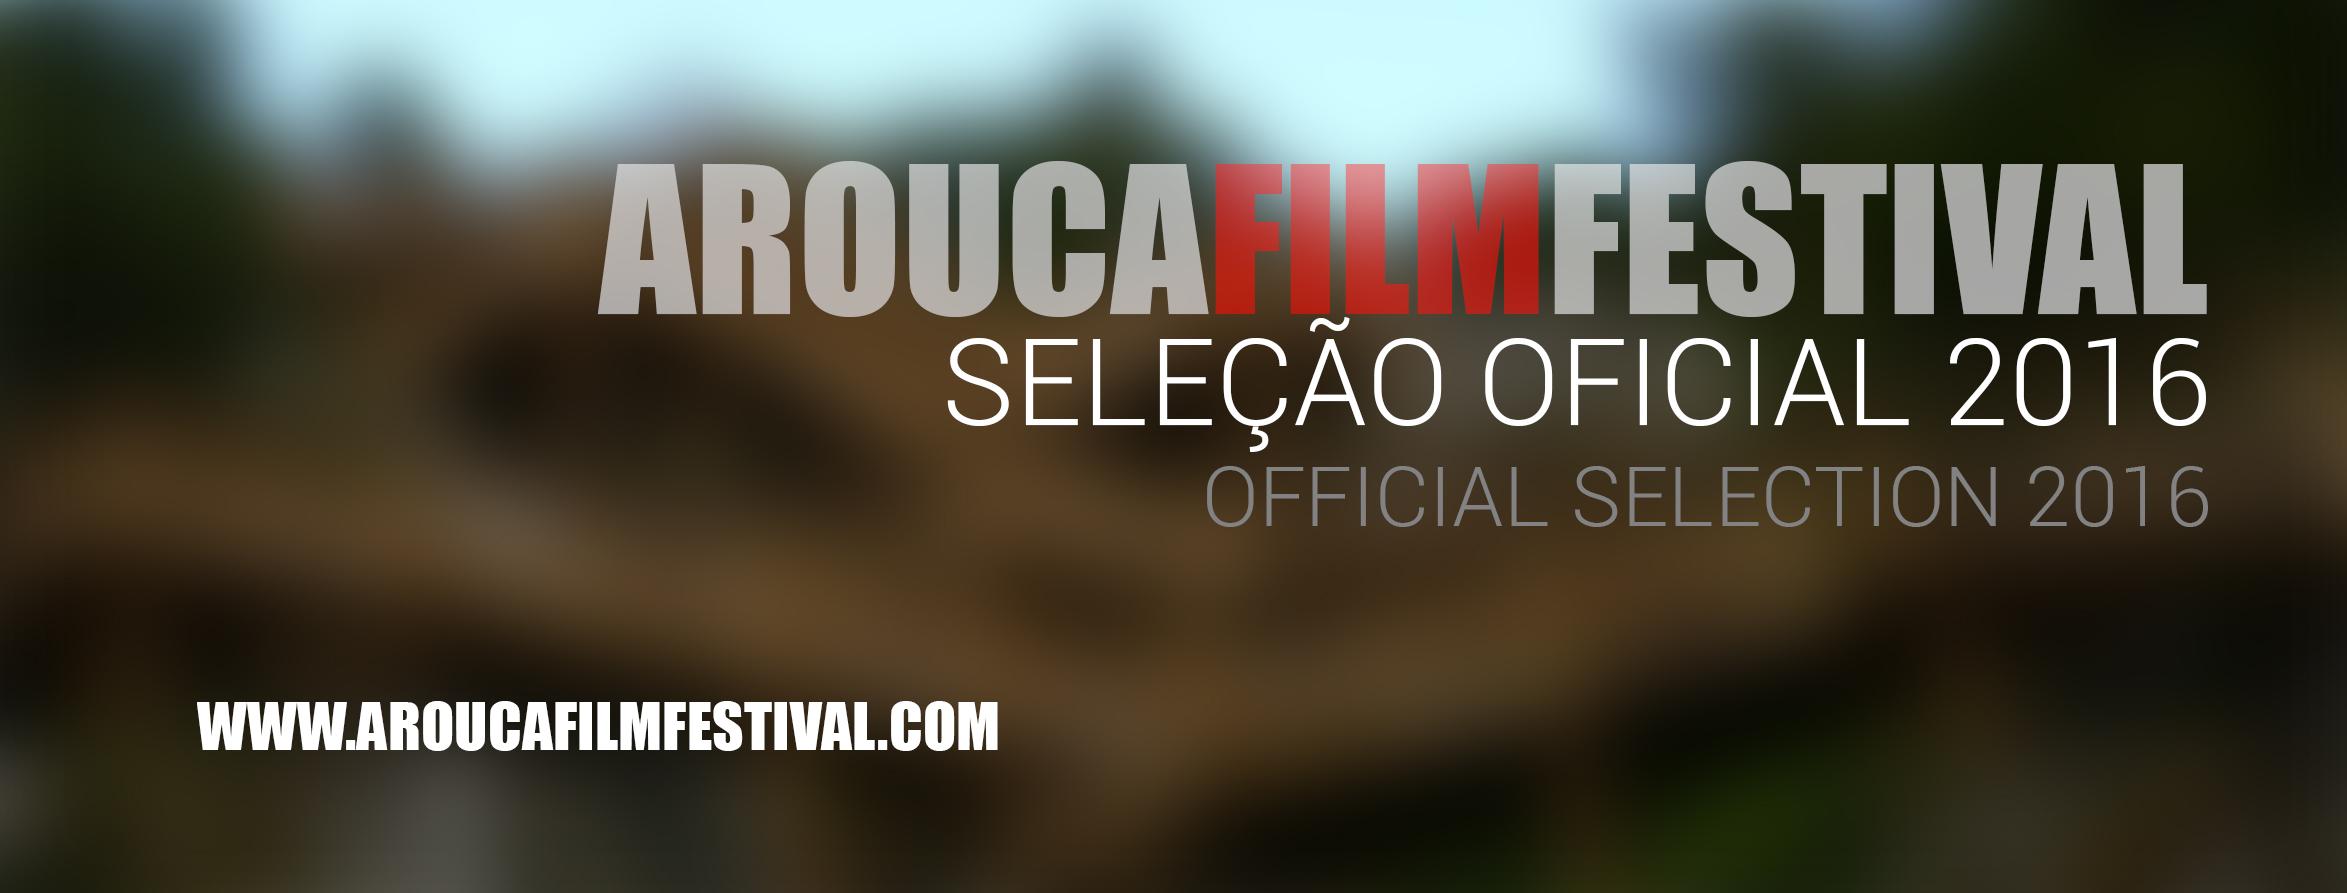 فیلم کوتاه «یک آن» در جشنواره آروکا پرتغال